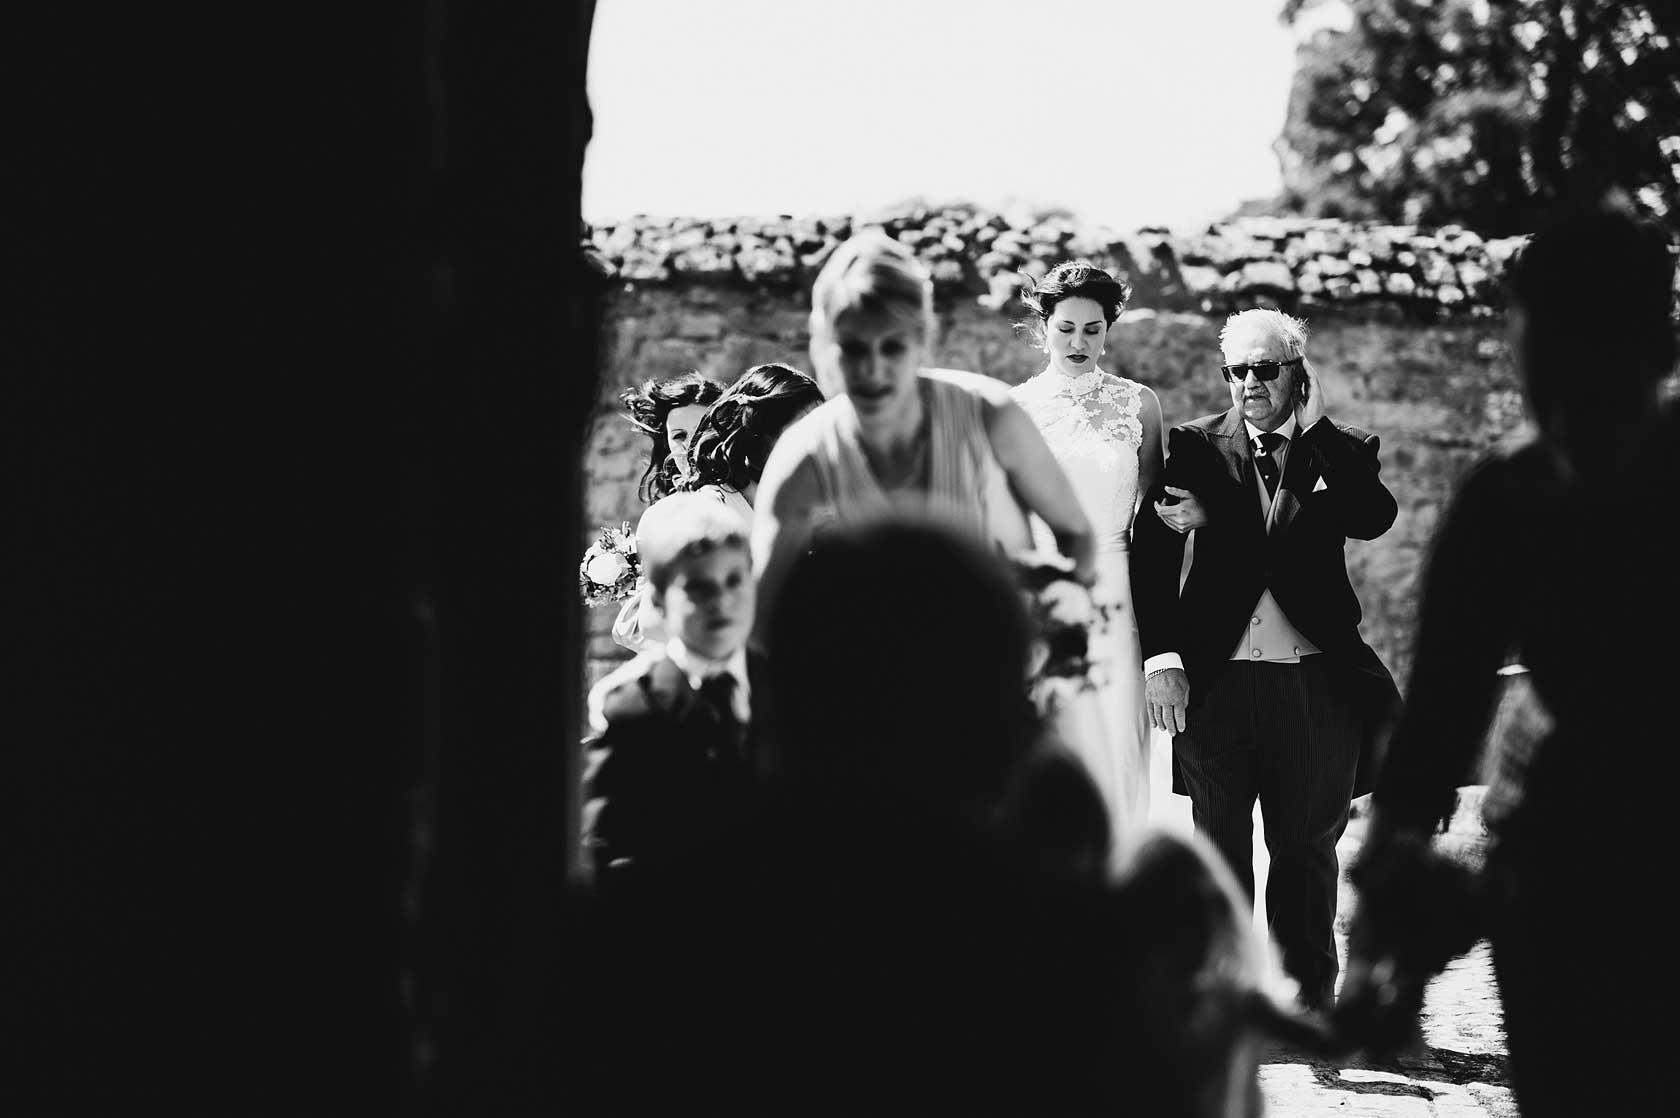 Reportage Wedding Photography at Bijou wedding venue